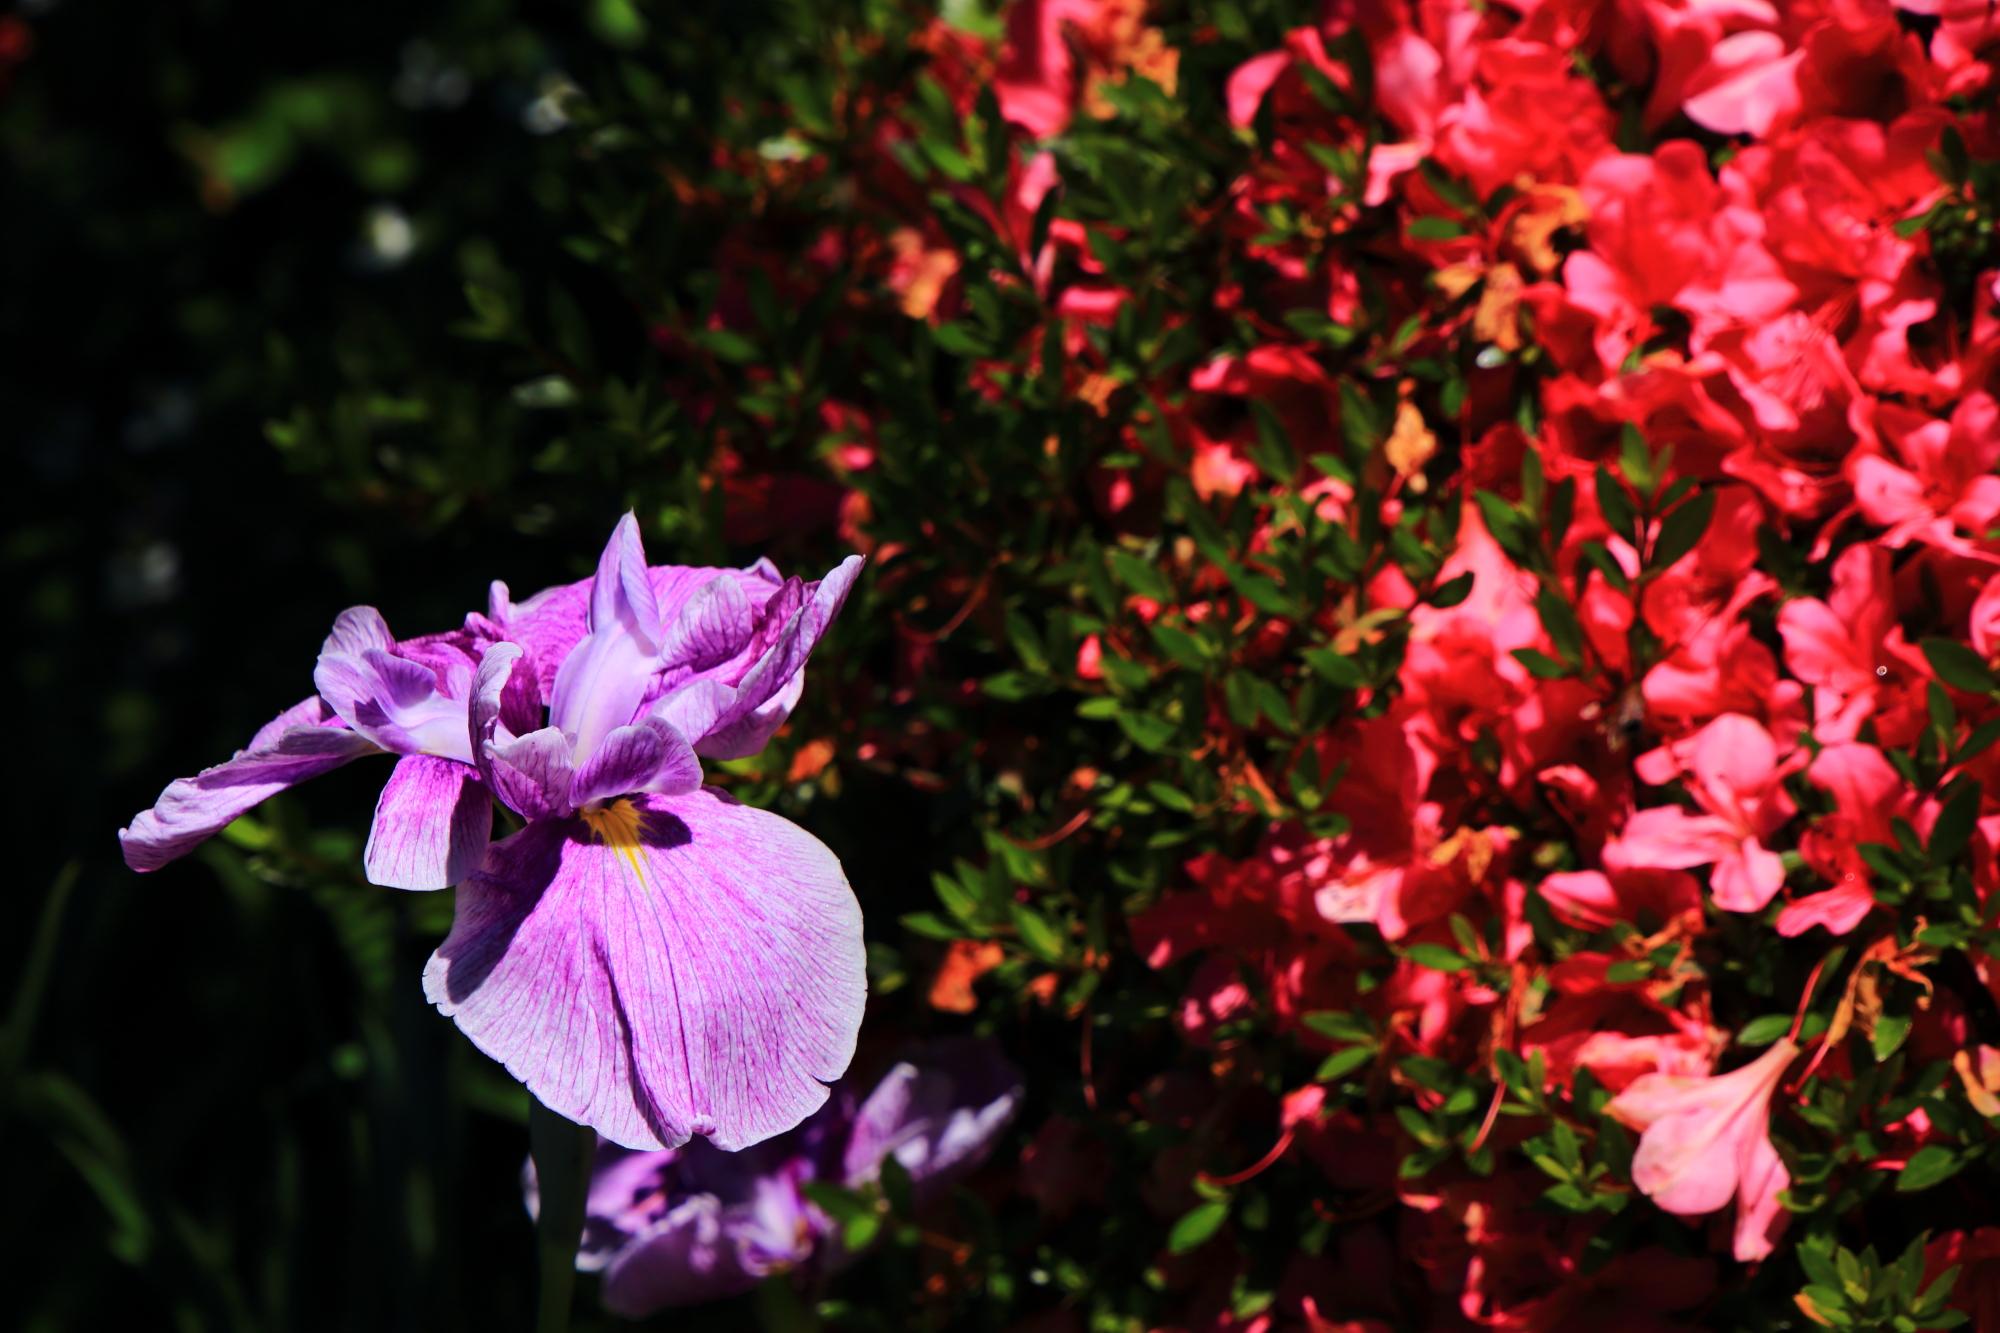 梅宮大社の鮮やかな赤いツツジと華やかな大輪の花菖蒲